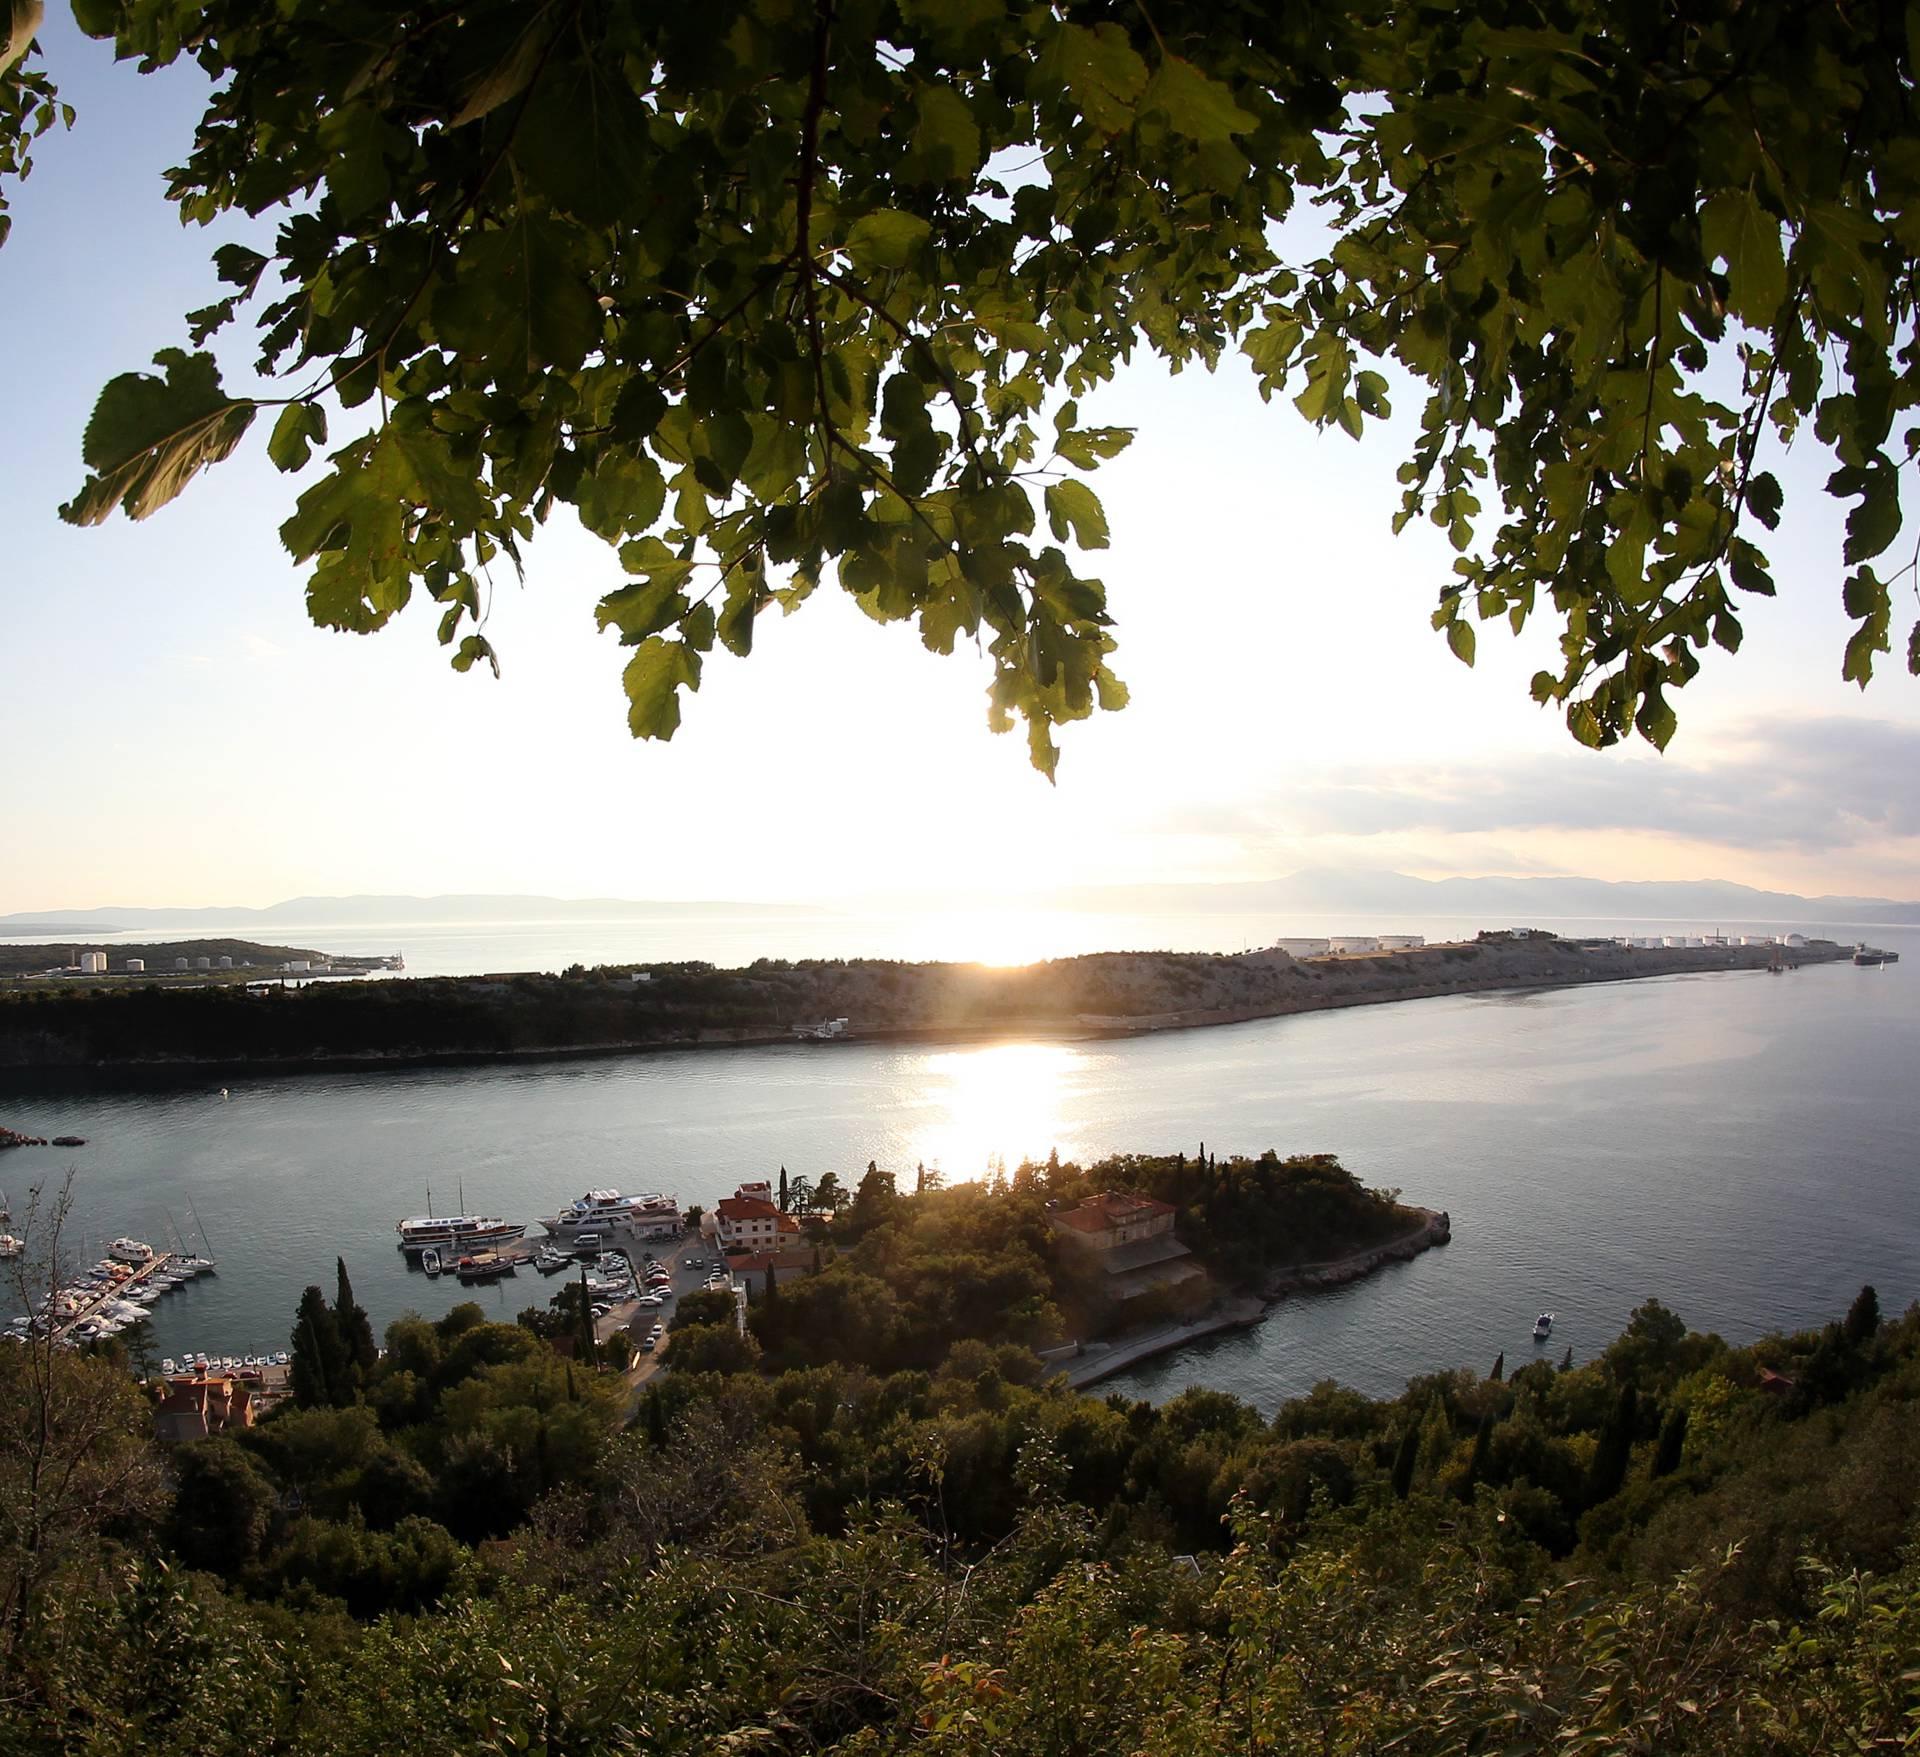 Sukob u Omišlju: Za 10 dana Hrvatska ne bi imala naftu?!